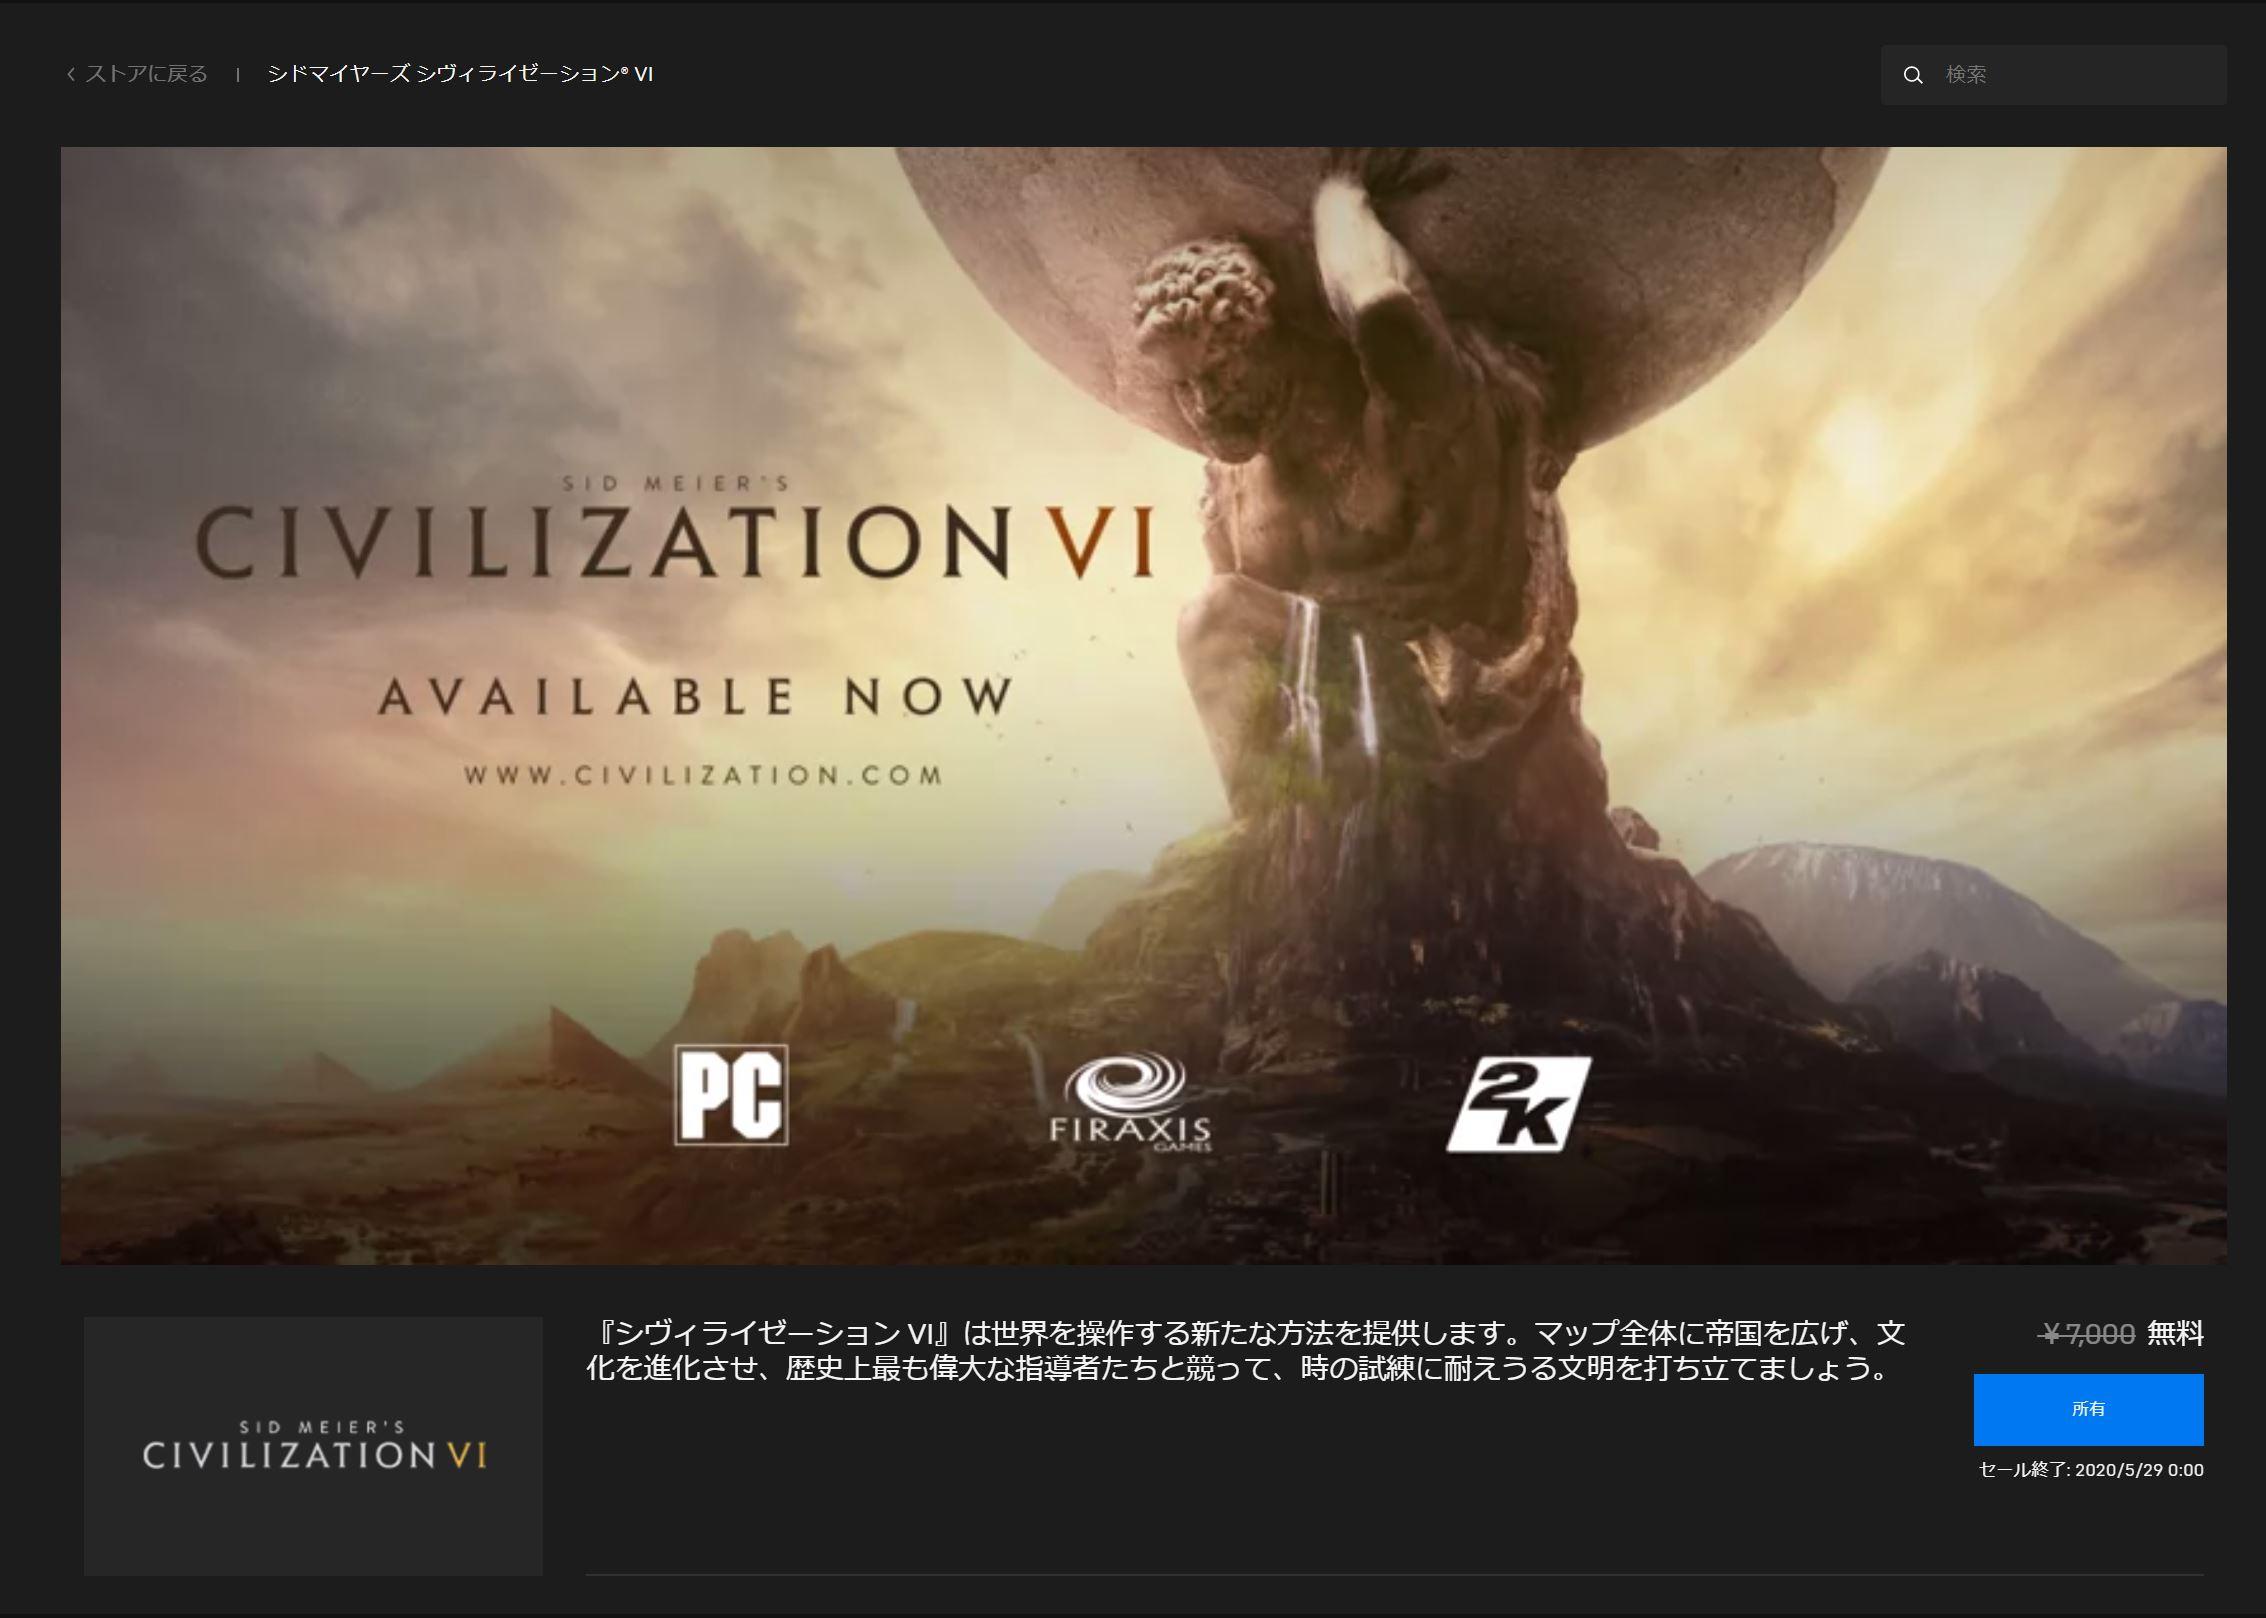 Epic Games、今度はストラテジーゲームの金字塔「Civilization VI」を無料配布  - PC Watch